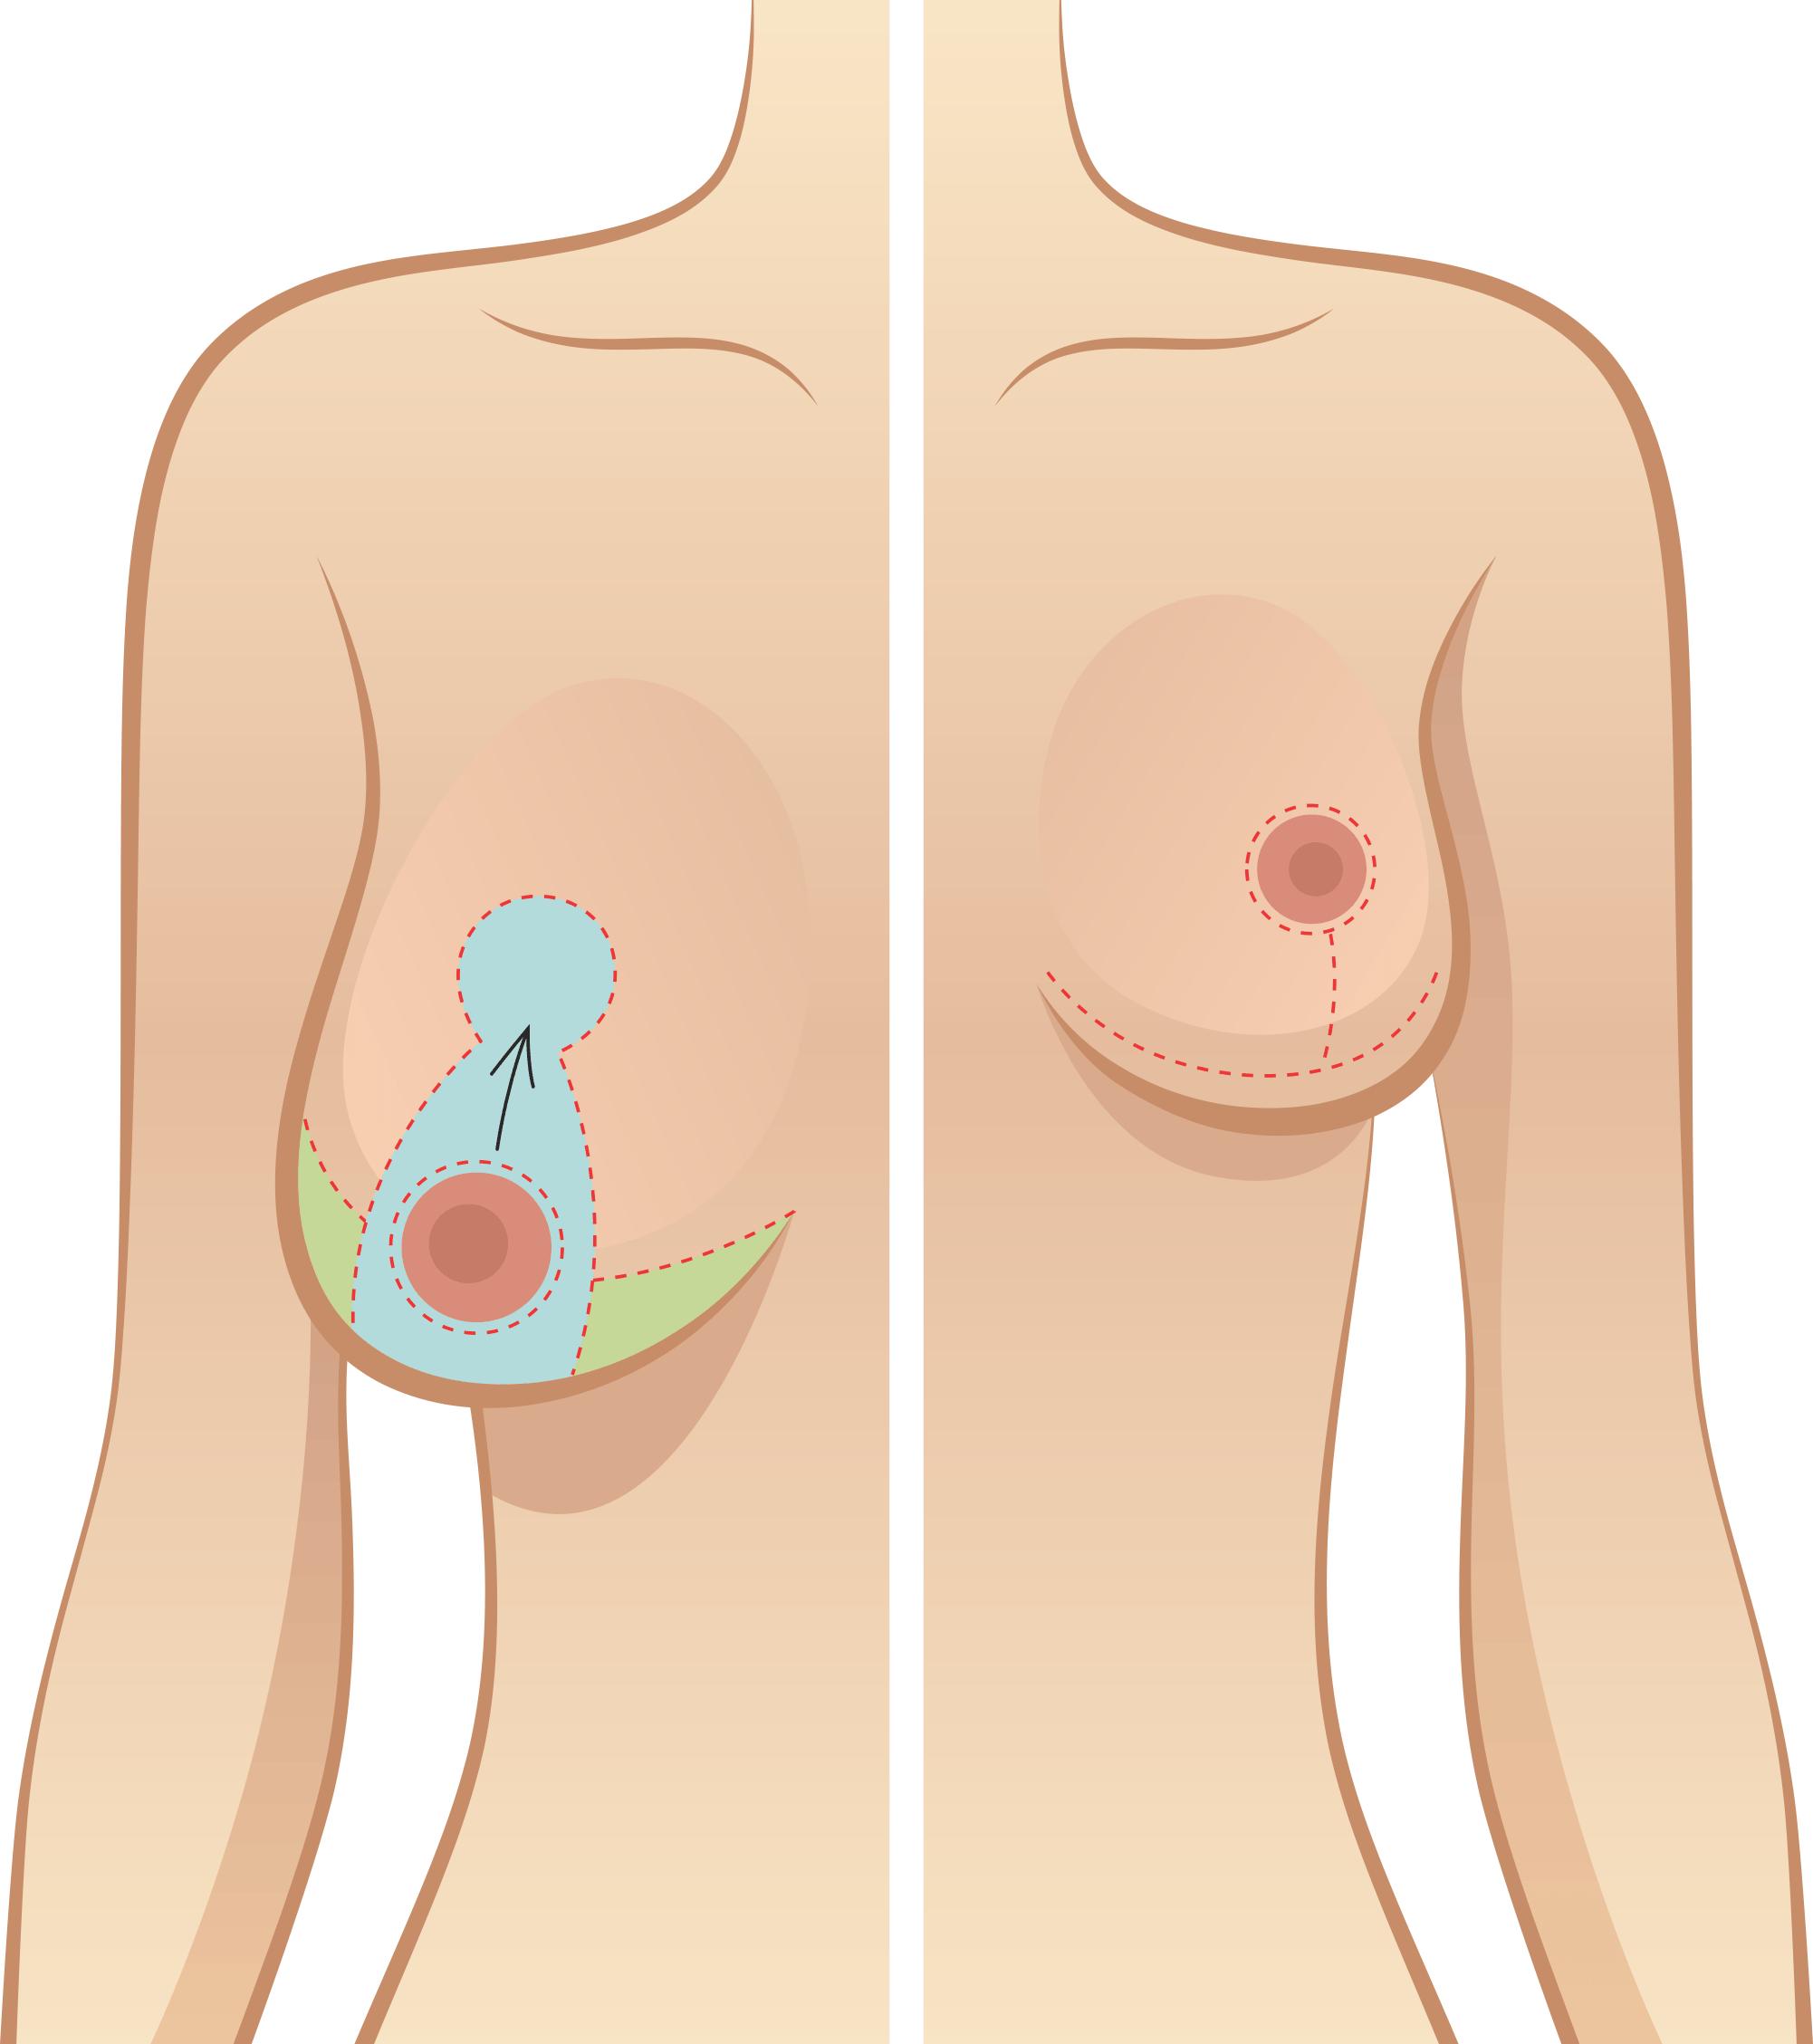 mamoplastia-de-redução